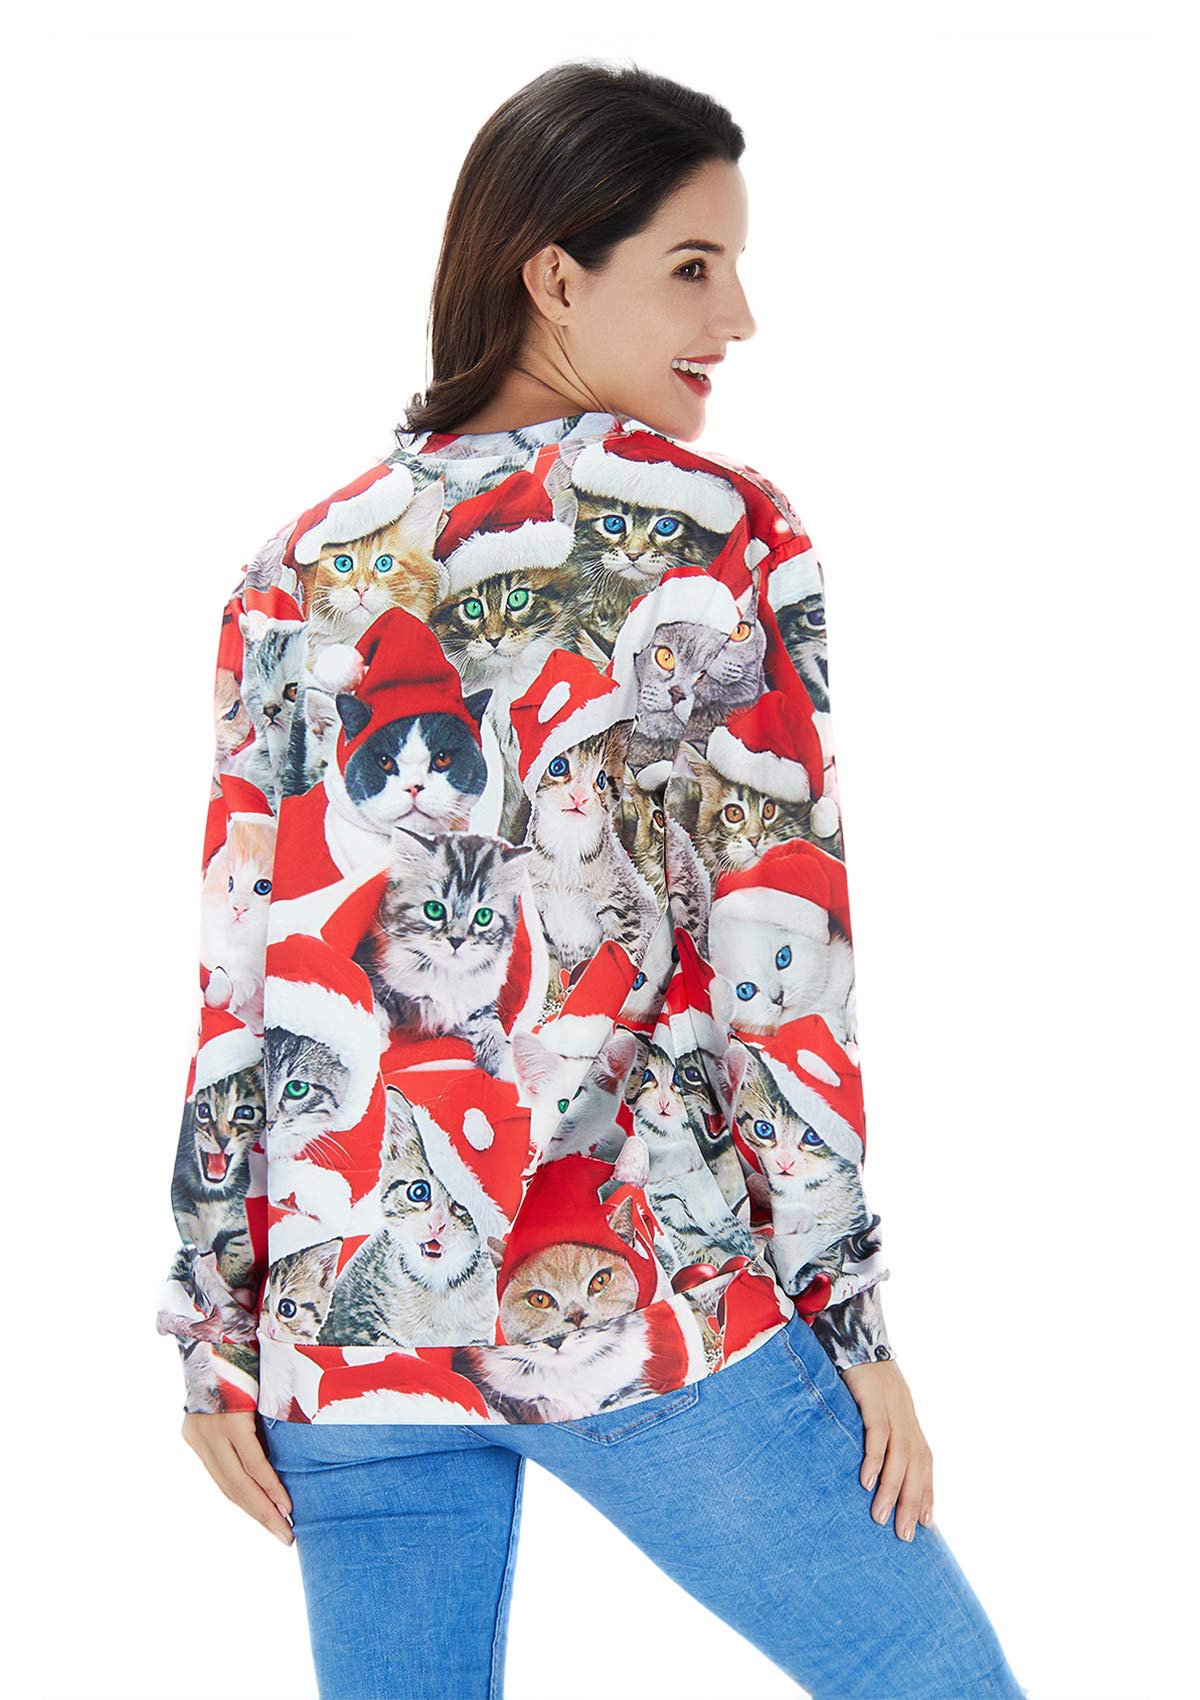 RAISEVERN Unisex Lustige hässliche Weihnachten Cat Print Hipster Neuheit Pullover Pullover Sweatshirt für Damen Herren